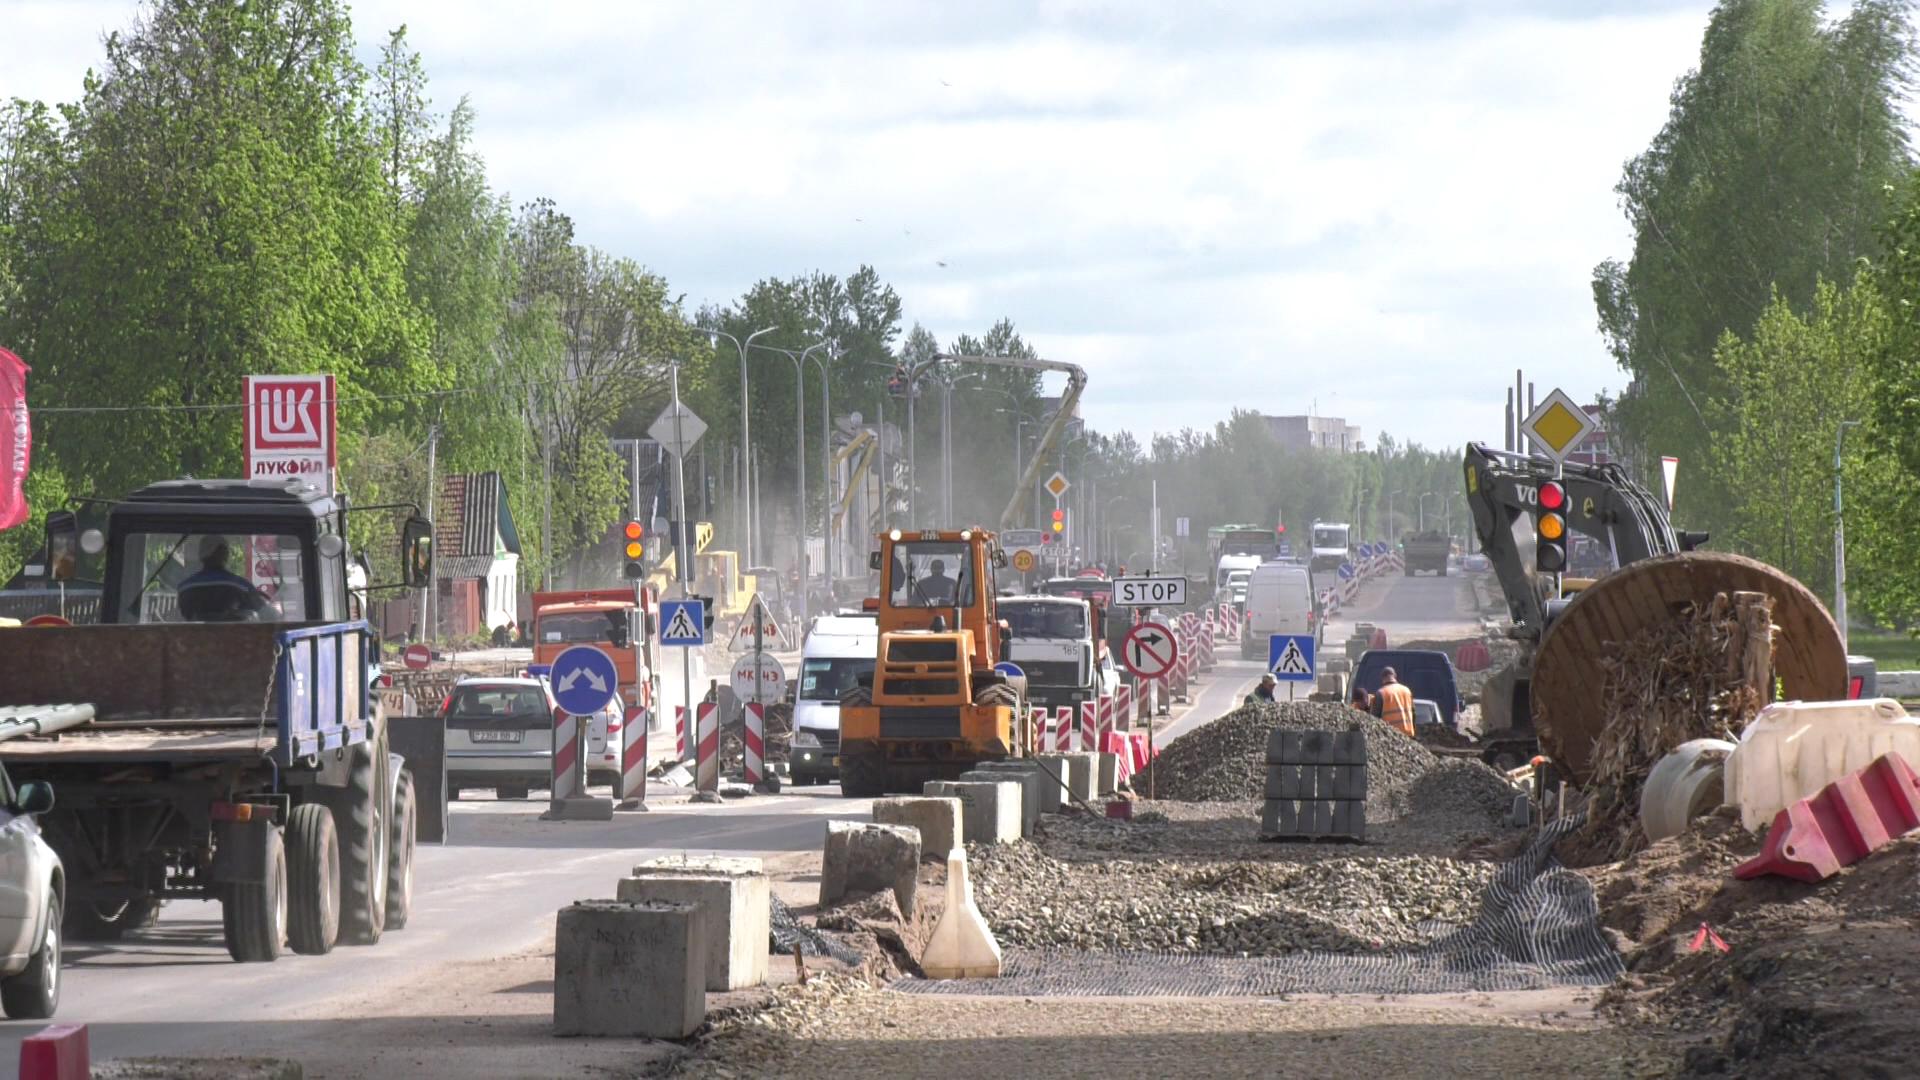 gagarina - В Витебске продолжается реконструкция улицы Гагарина (видео)